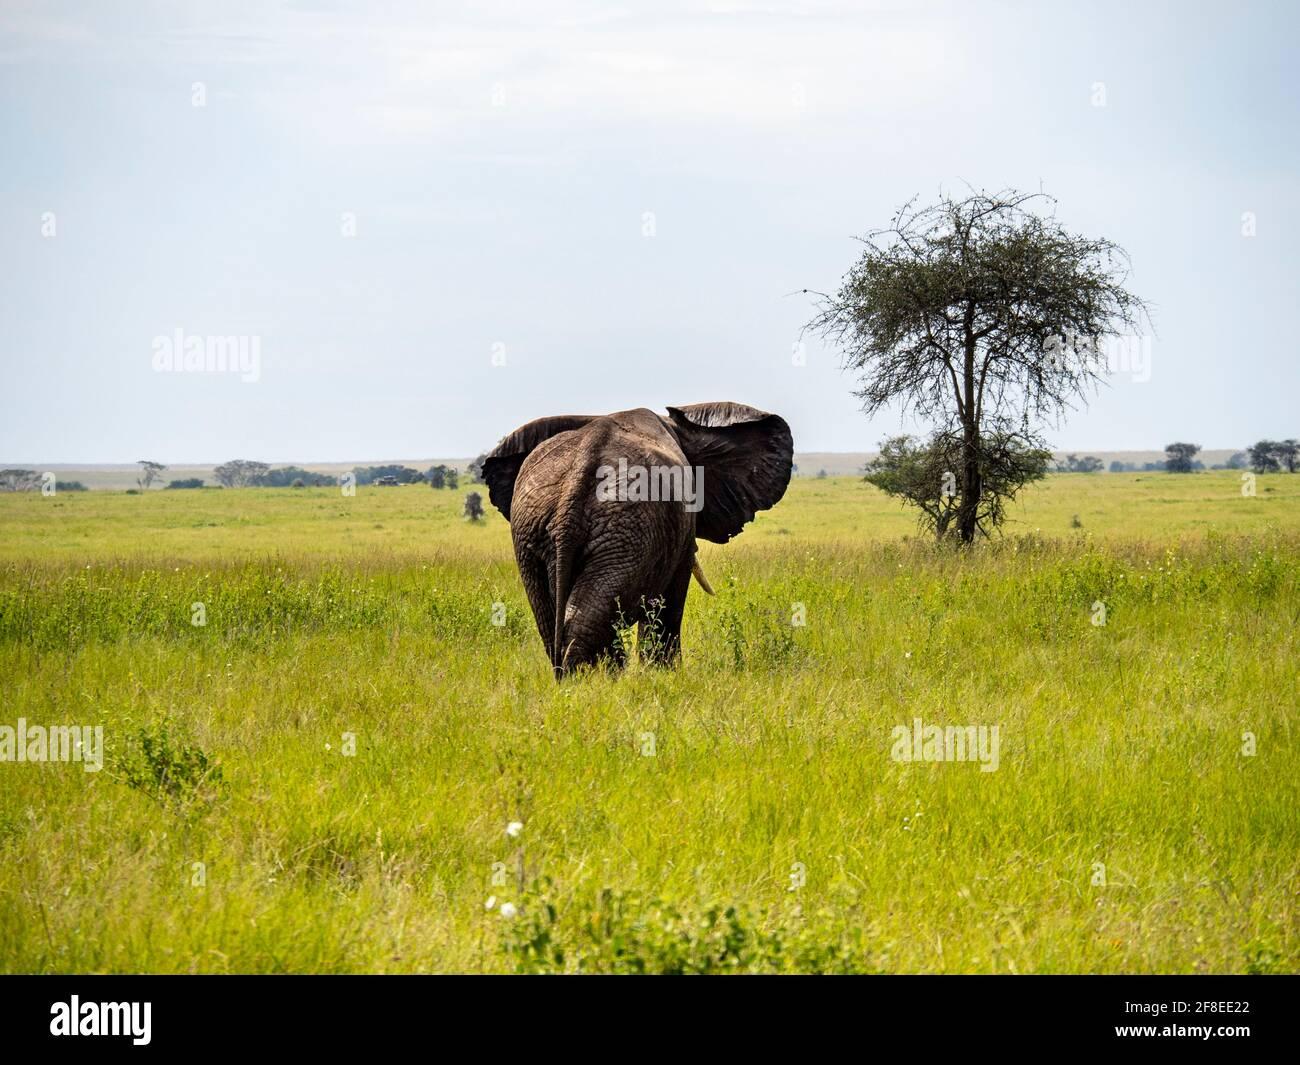 Parc national de Serengeti, Tanzanie, Afrique - 29 février 2020 : arrière d'un éléphant en marche, parc national de Serengeti Banque D'Images